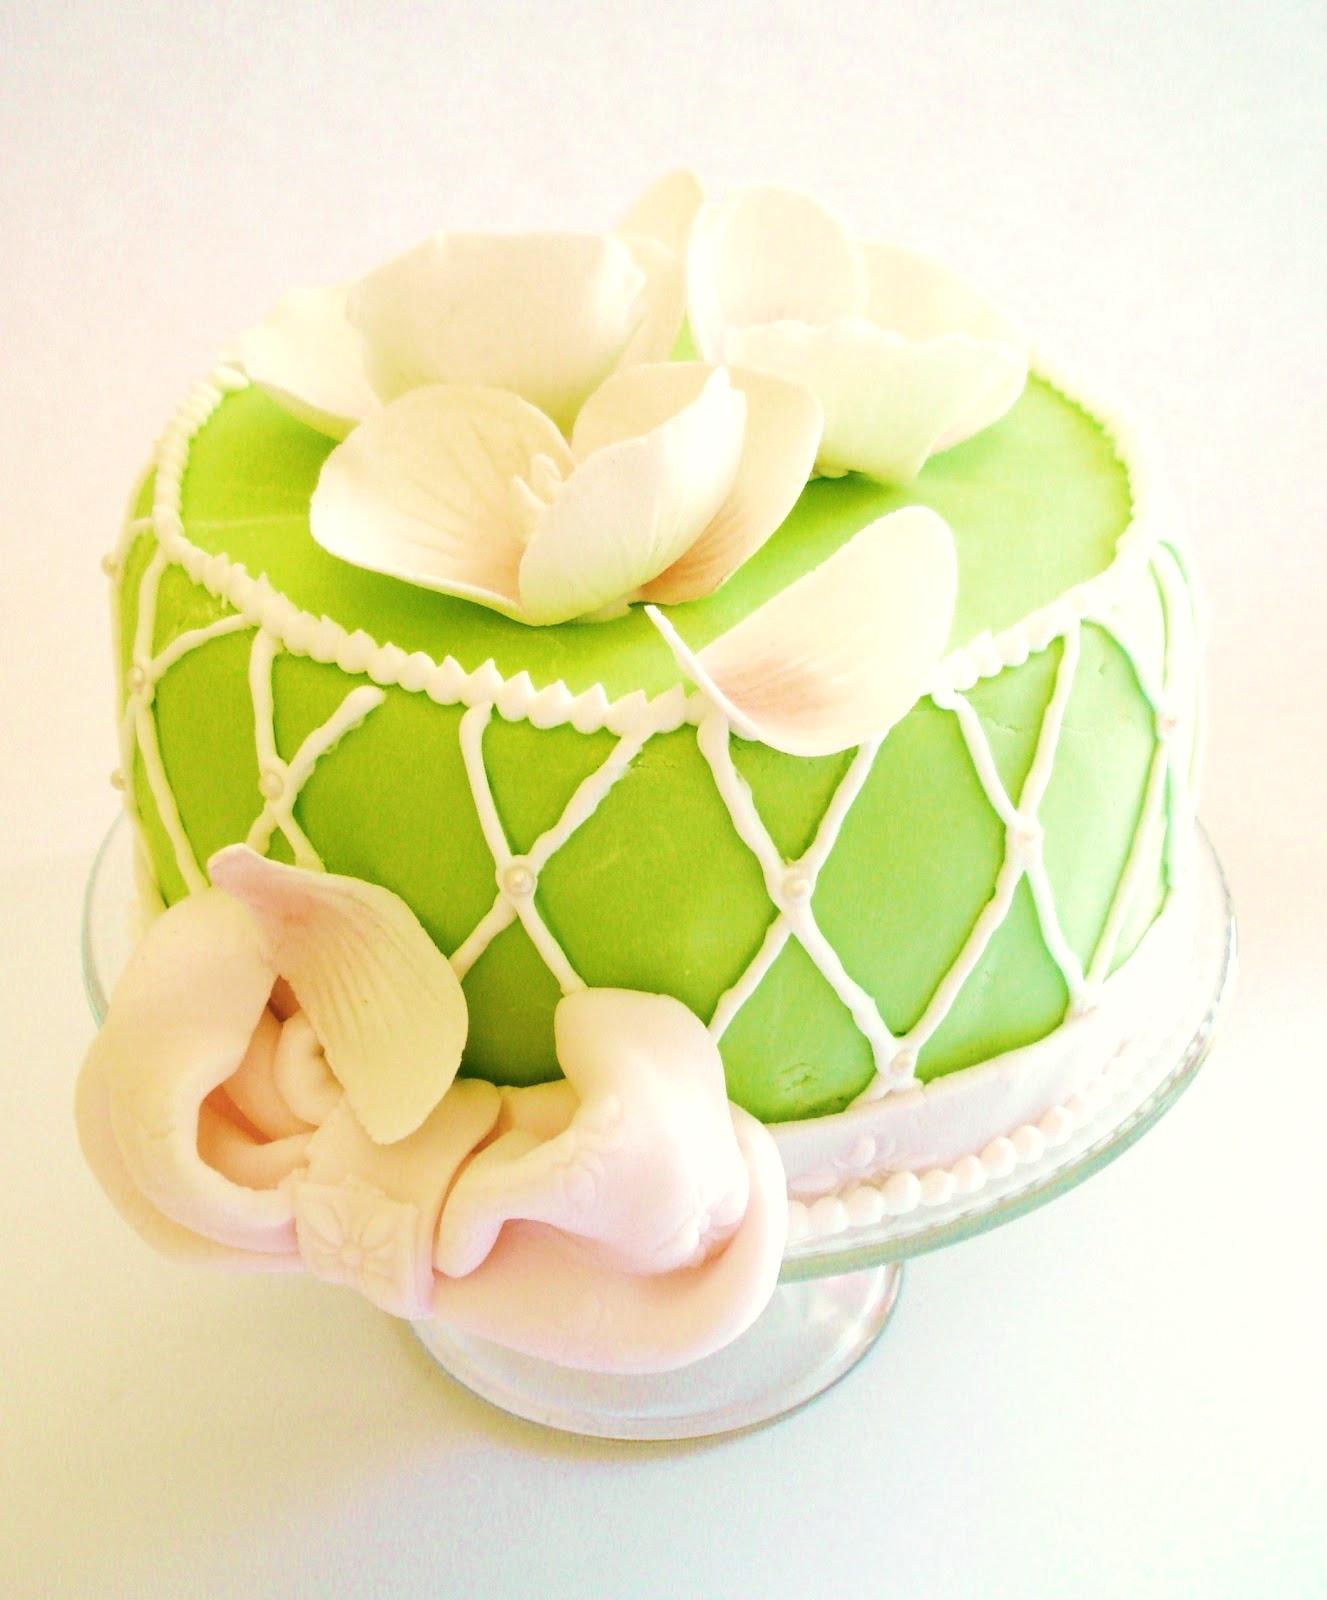 Gaston Le Gourmet: Magnolia Birthday Cake